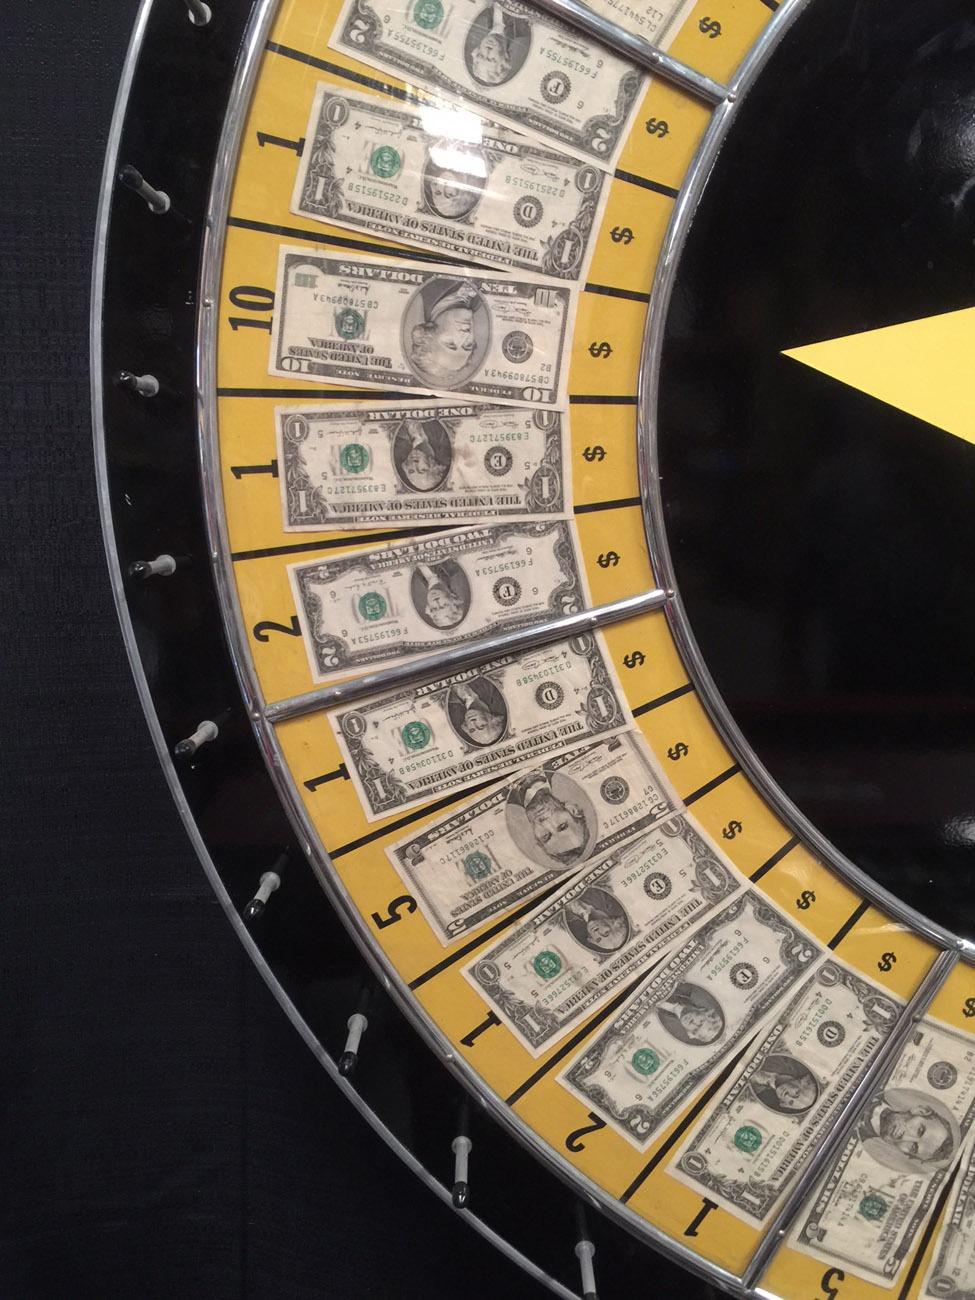 60 Inch Casino Money Wheel Game